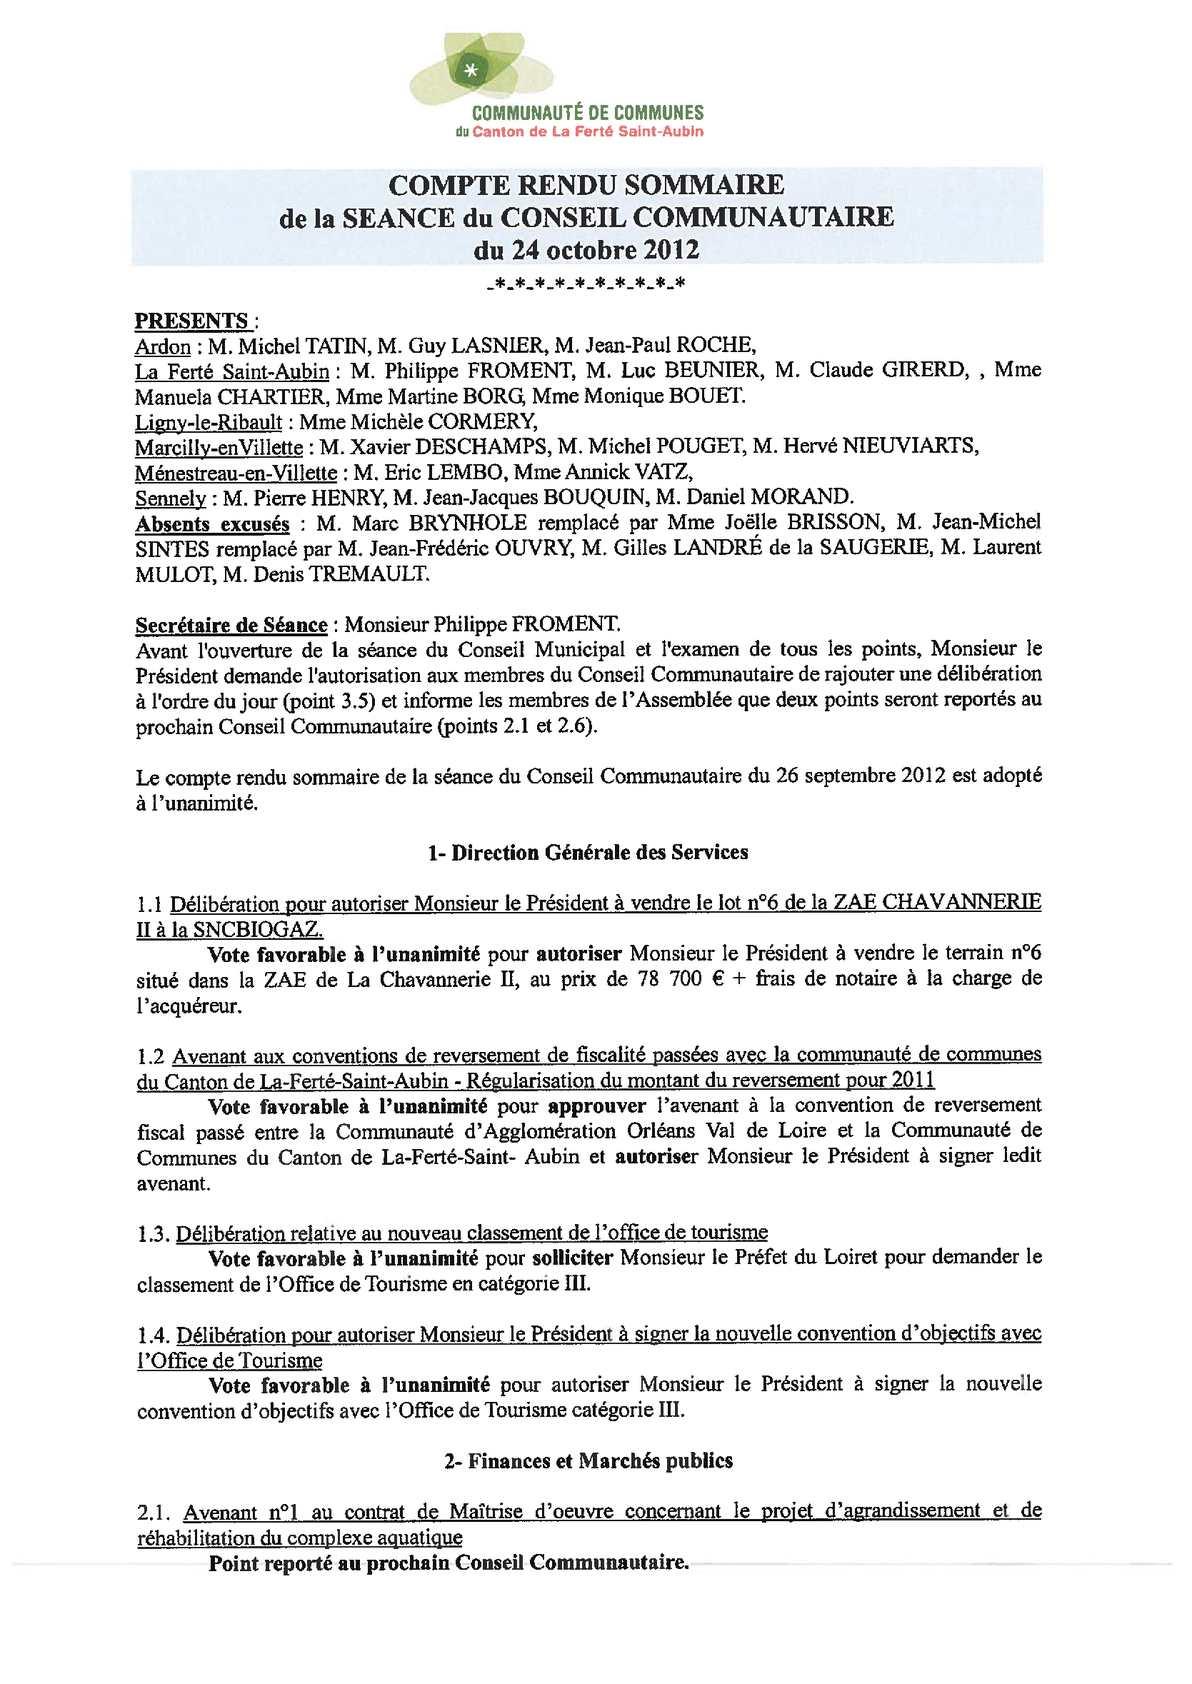 Maître D Oeuvre Orléans calaméo - cr sommaire 24 octobre